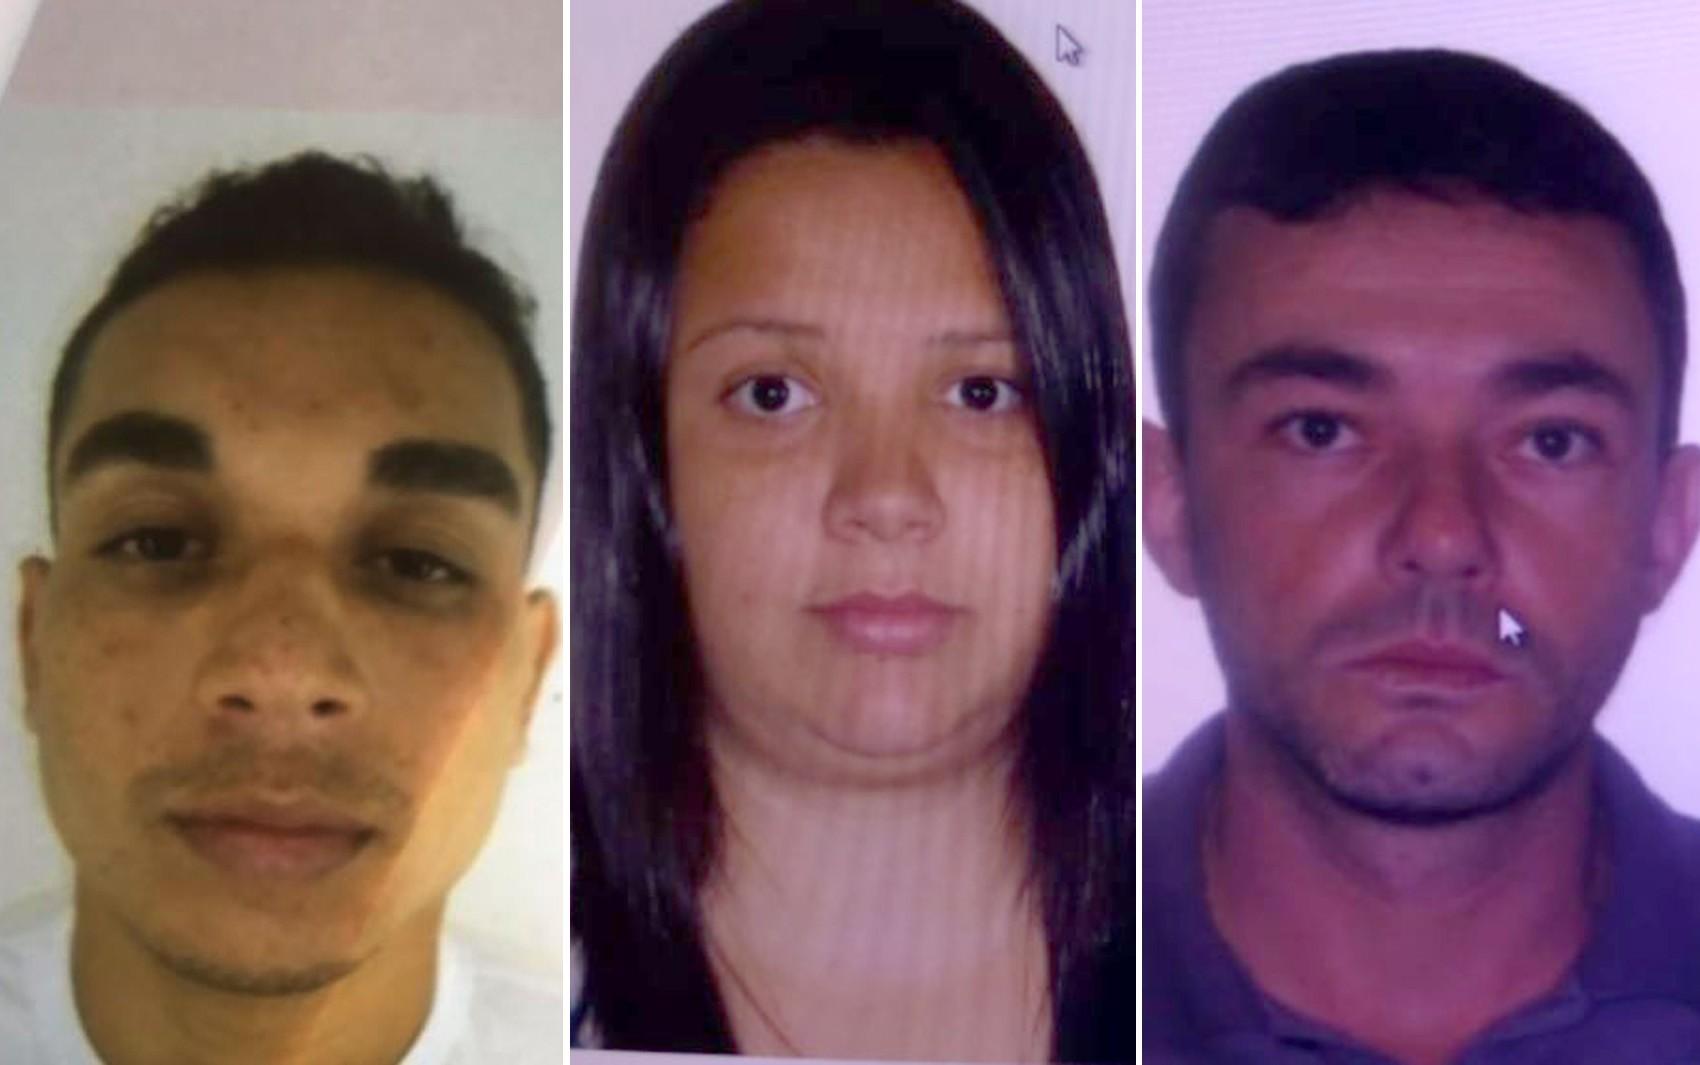 Polícia Civil pede prisão preventiva de 4 indiciados por morte de frentista em Ribeirão Preto, SP - Noticias